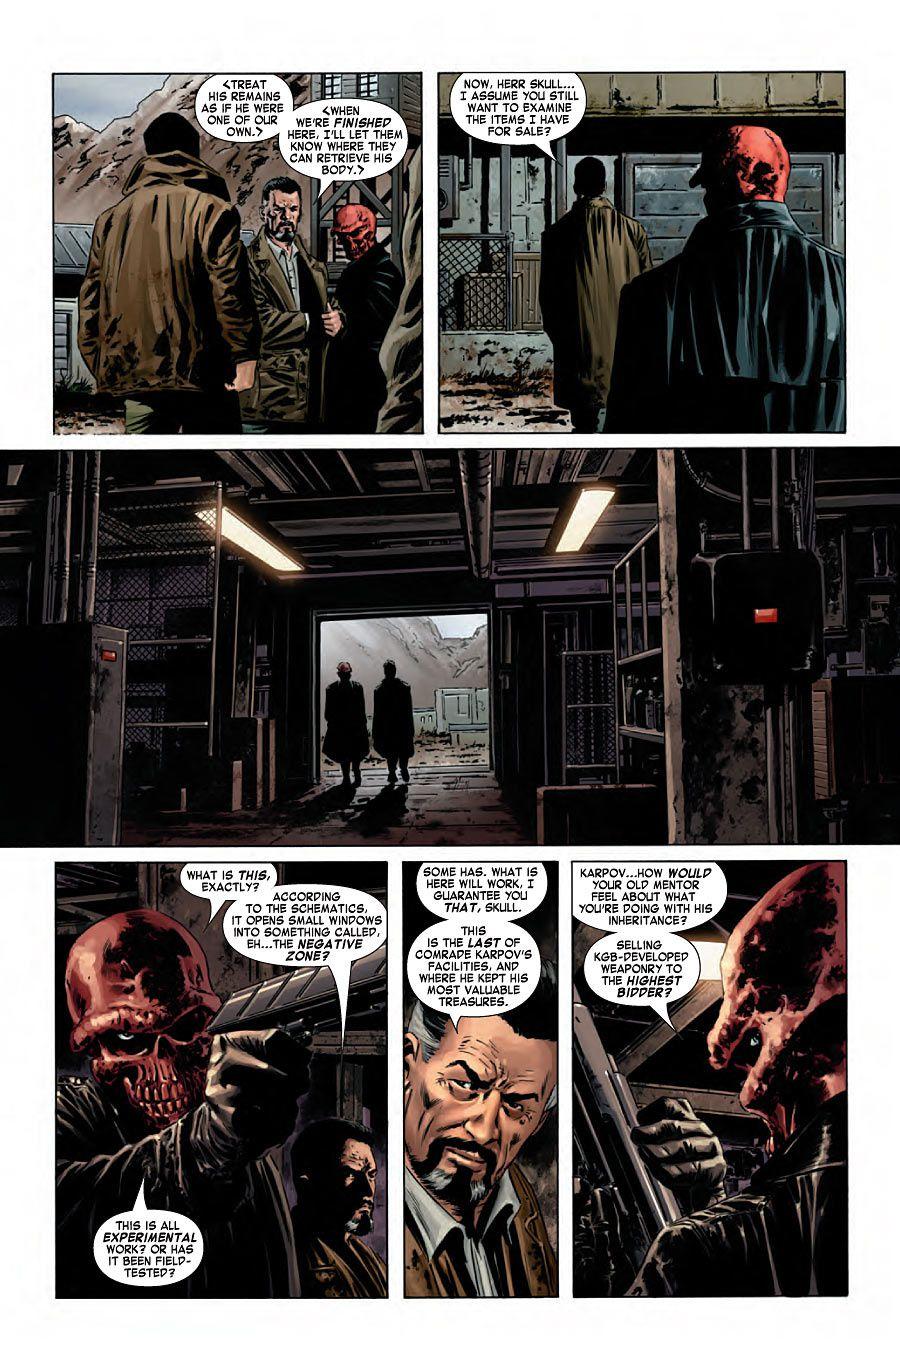 Lazarus tome #4, la preview !